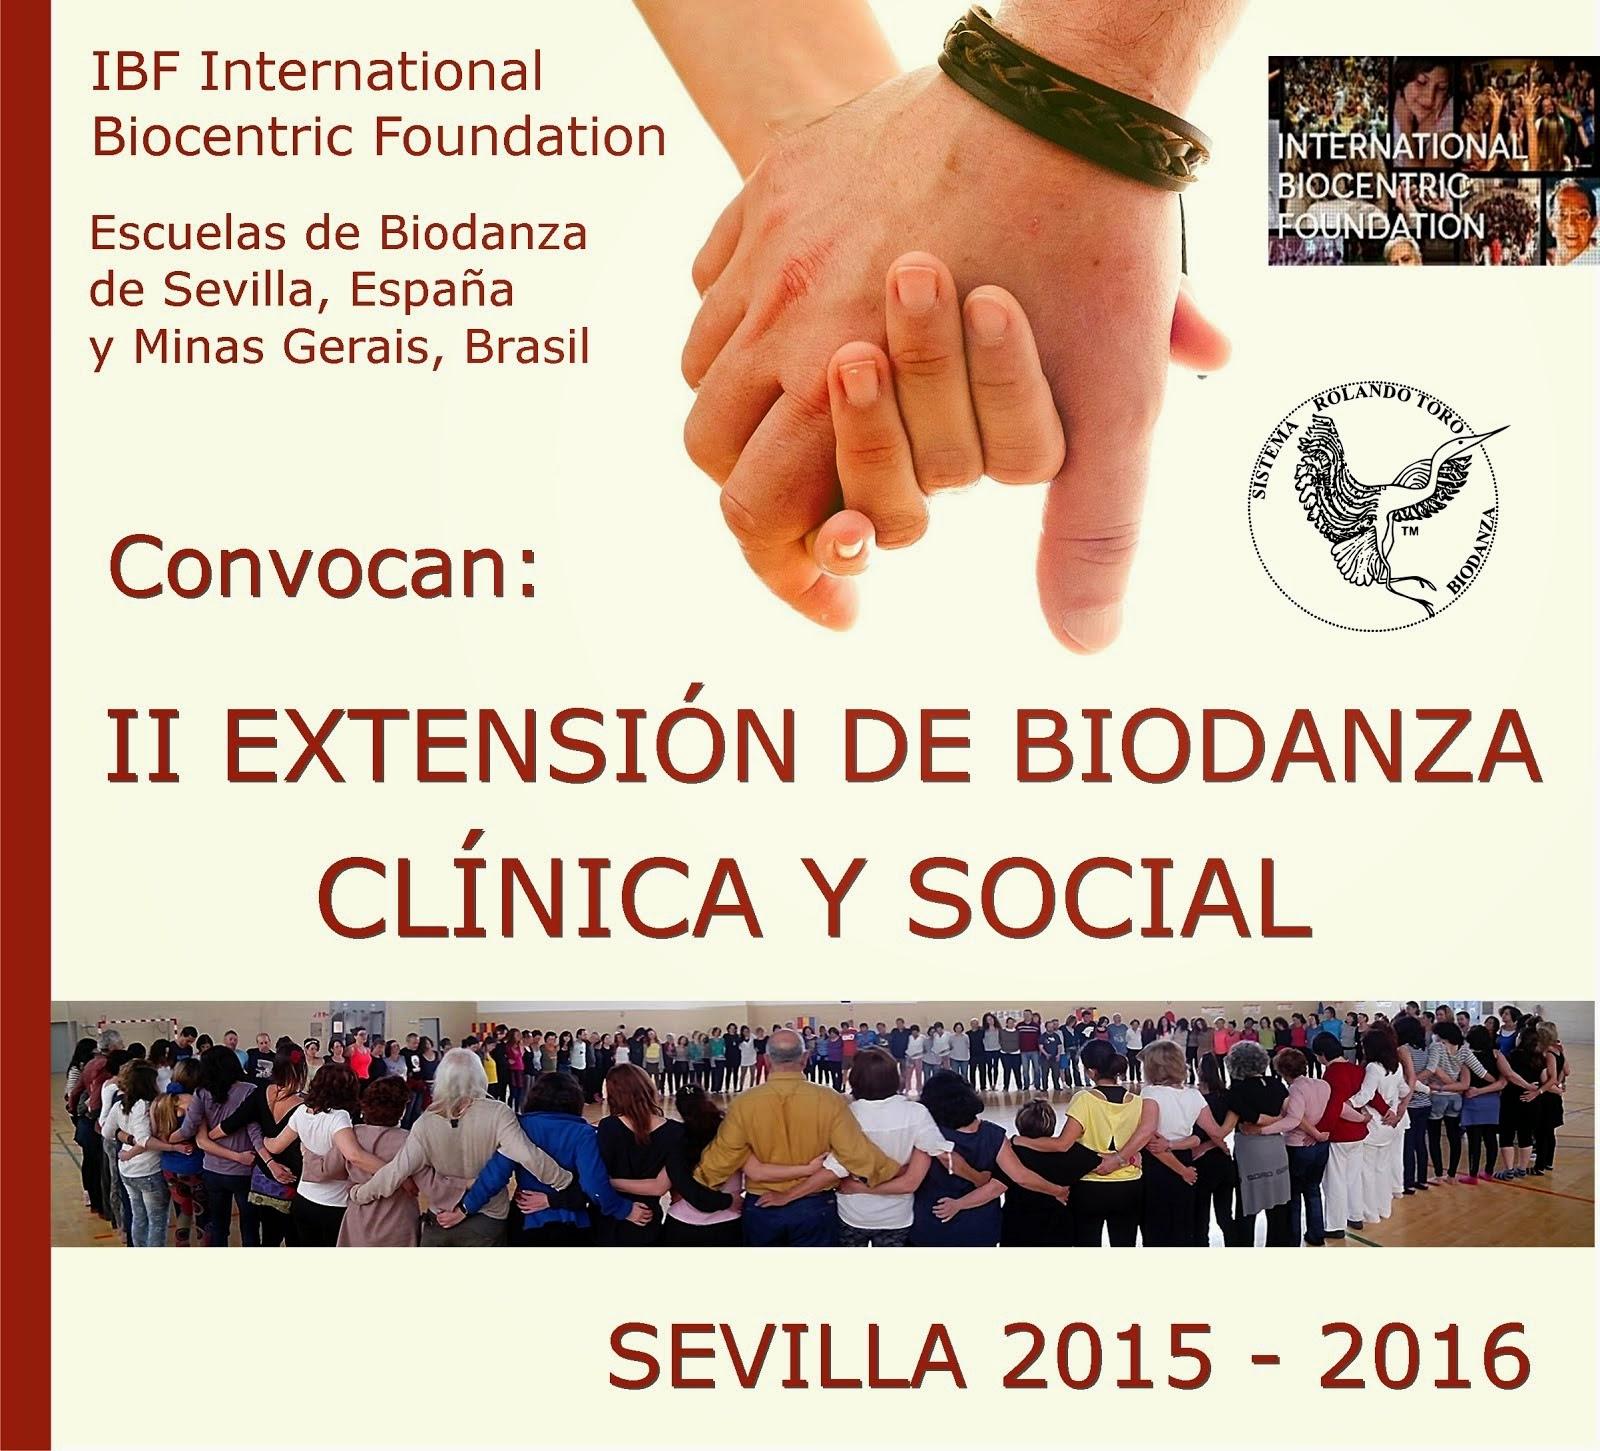 EXTENSIÓN BIODANZA CLINICA Y SOCIAL